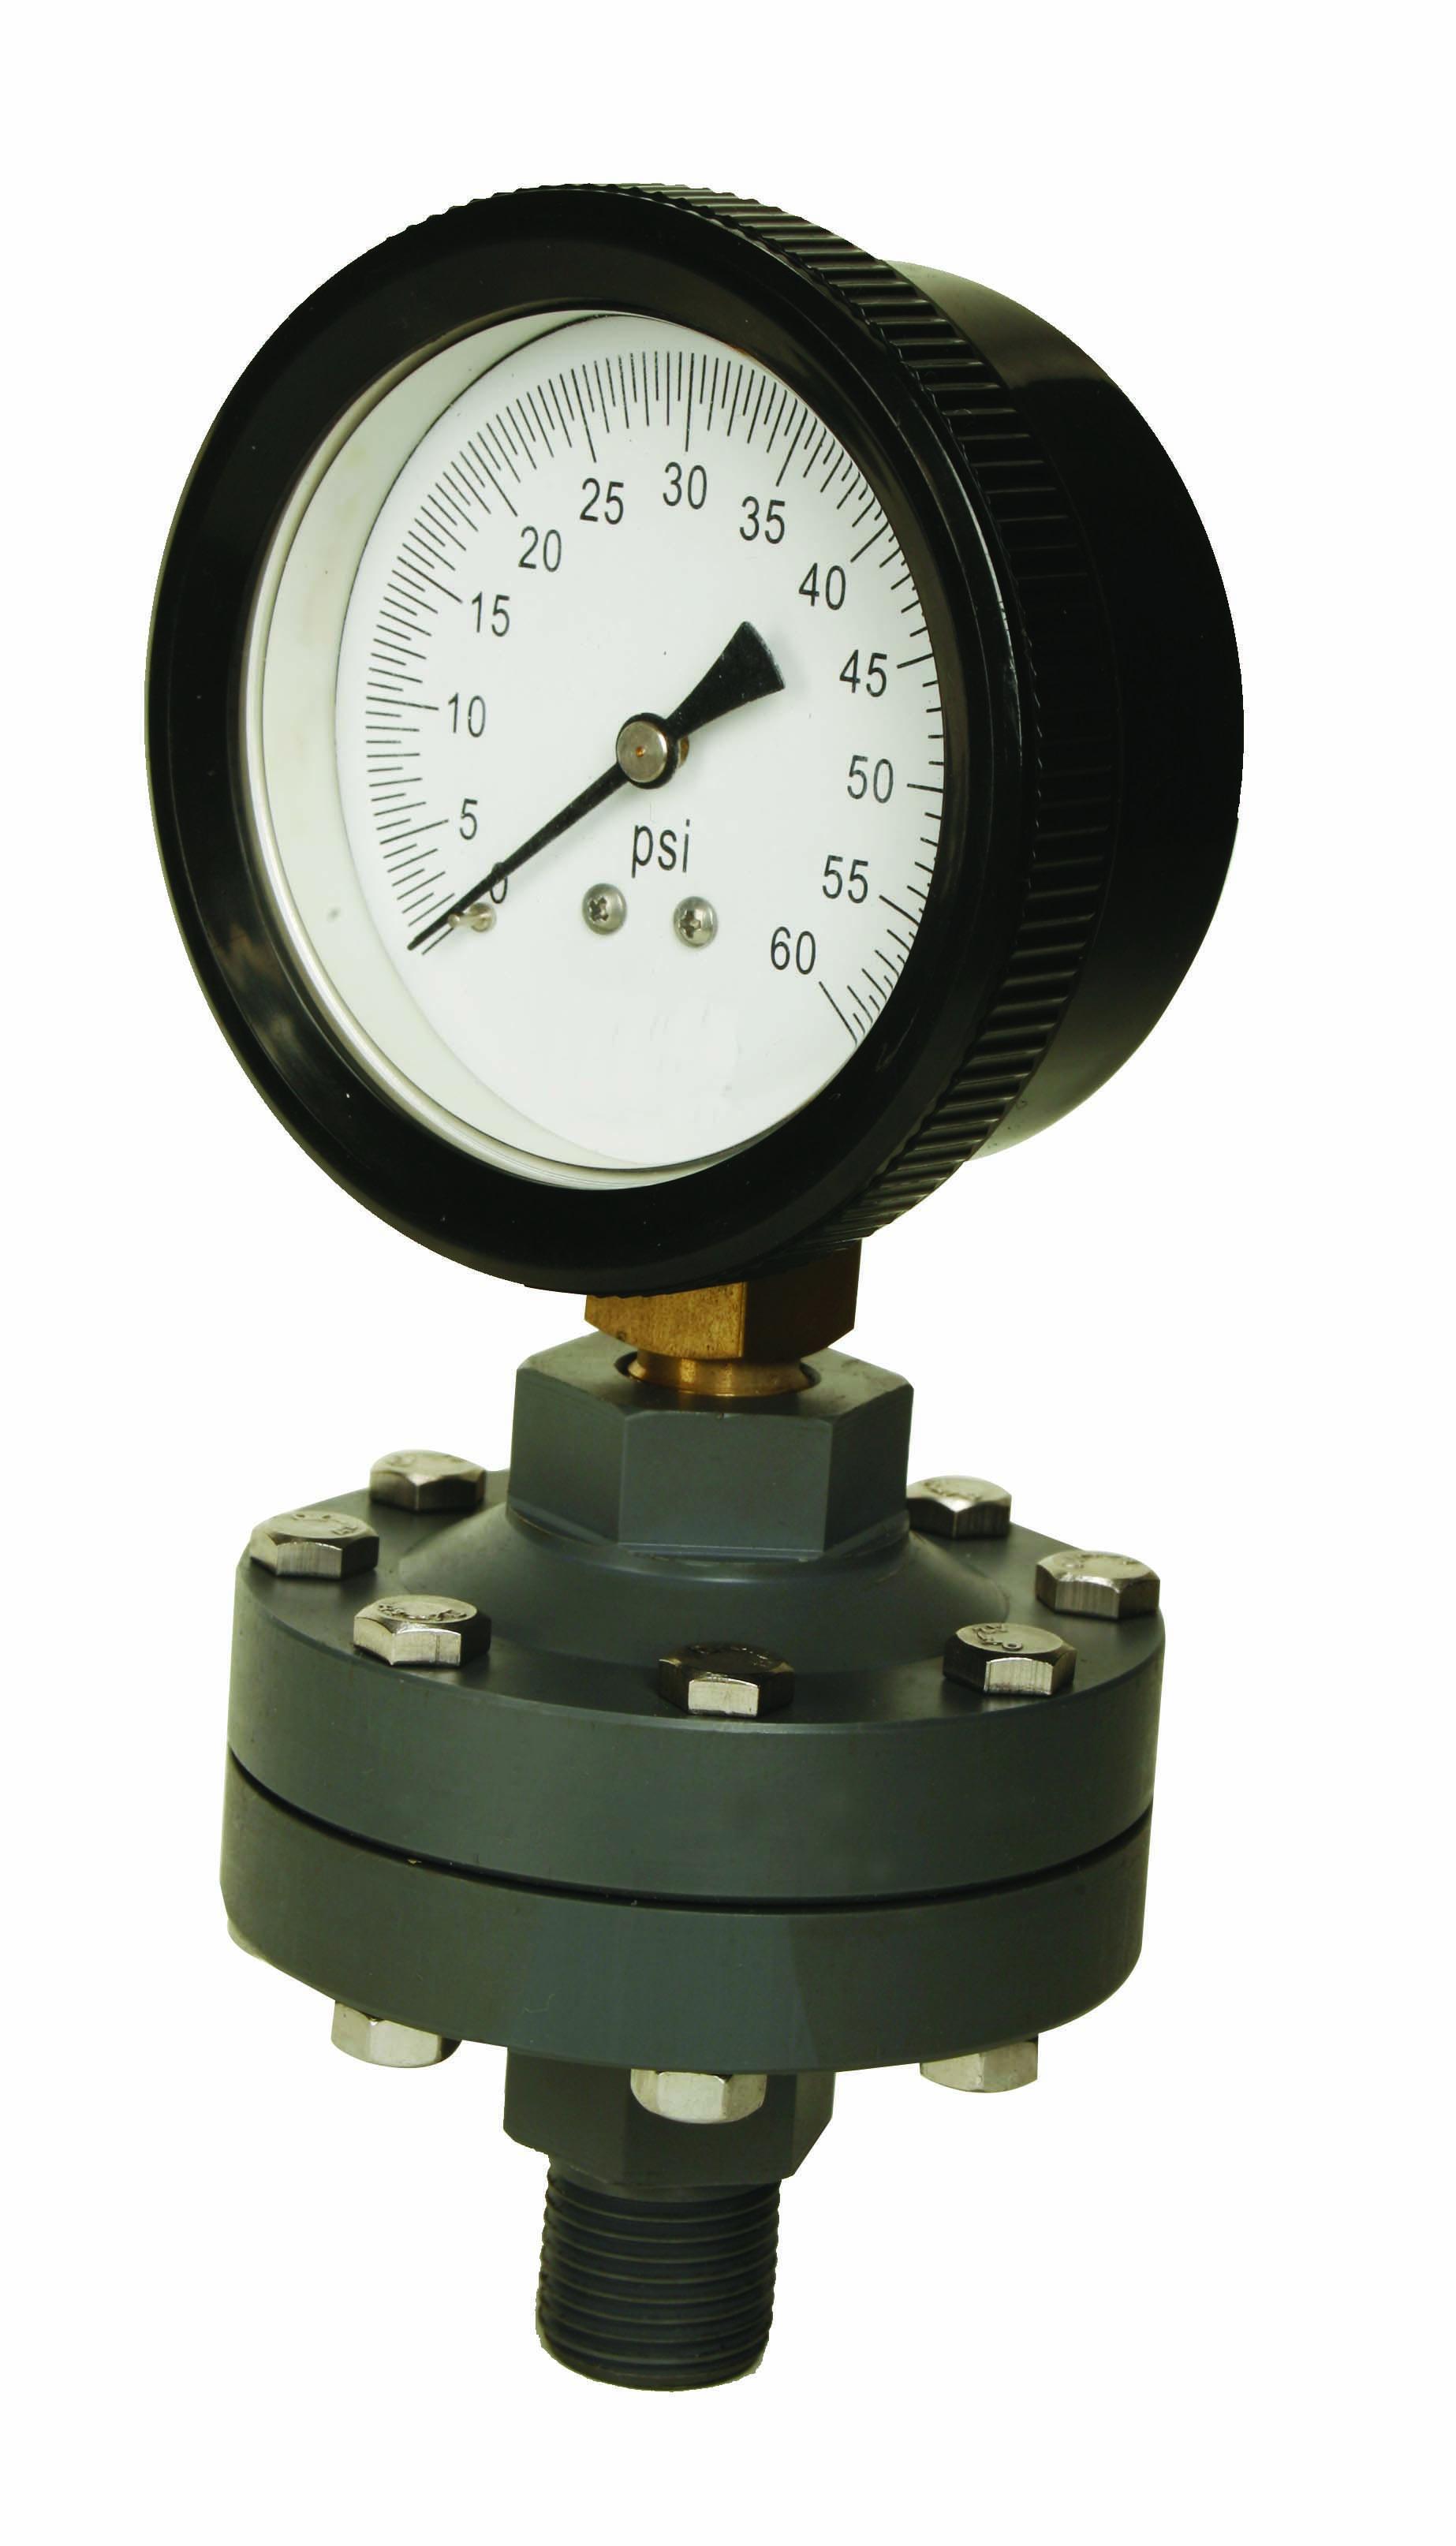 氯气专用表价格-采购-报价  氯气专用表